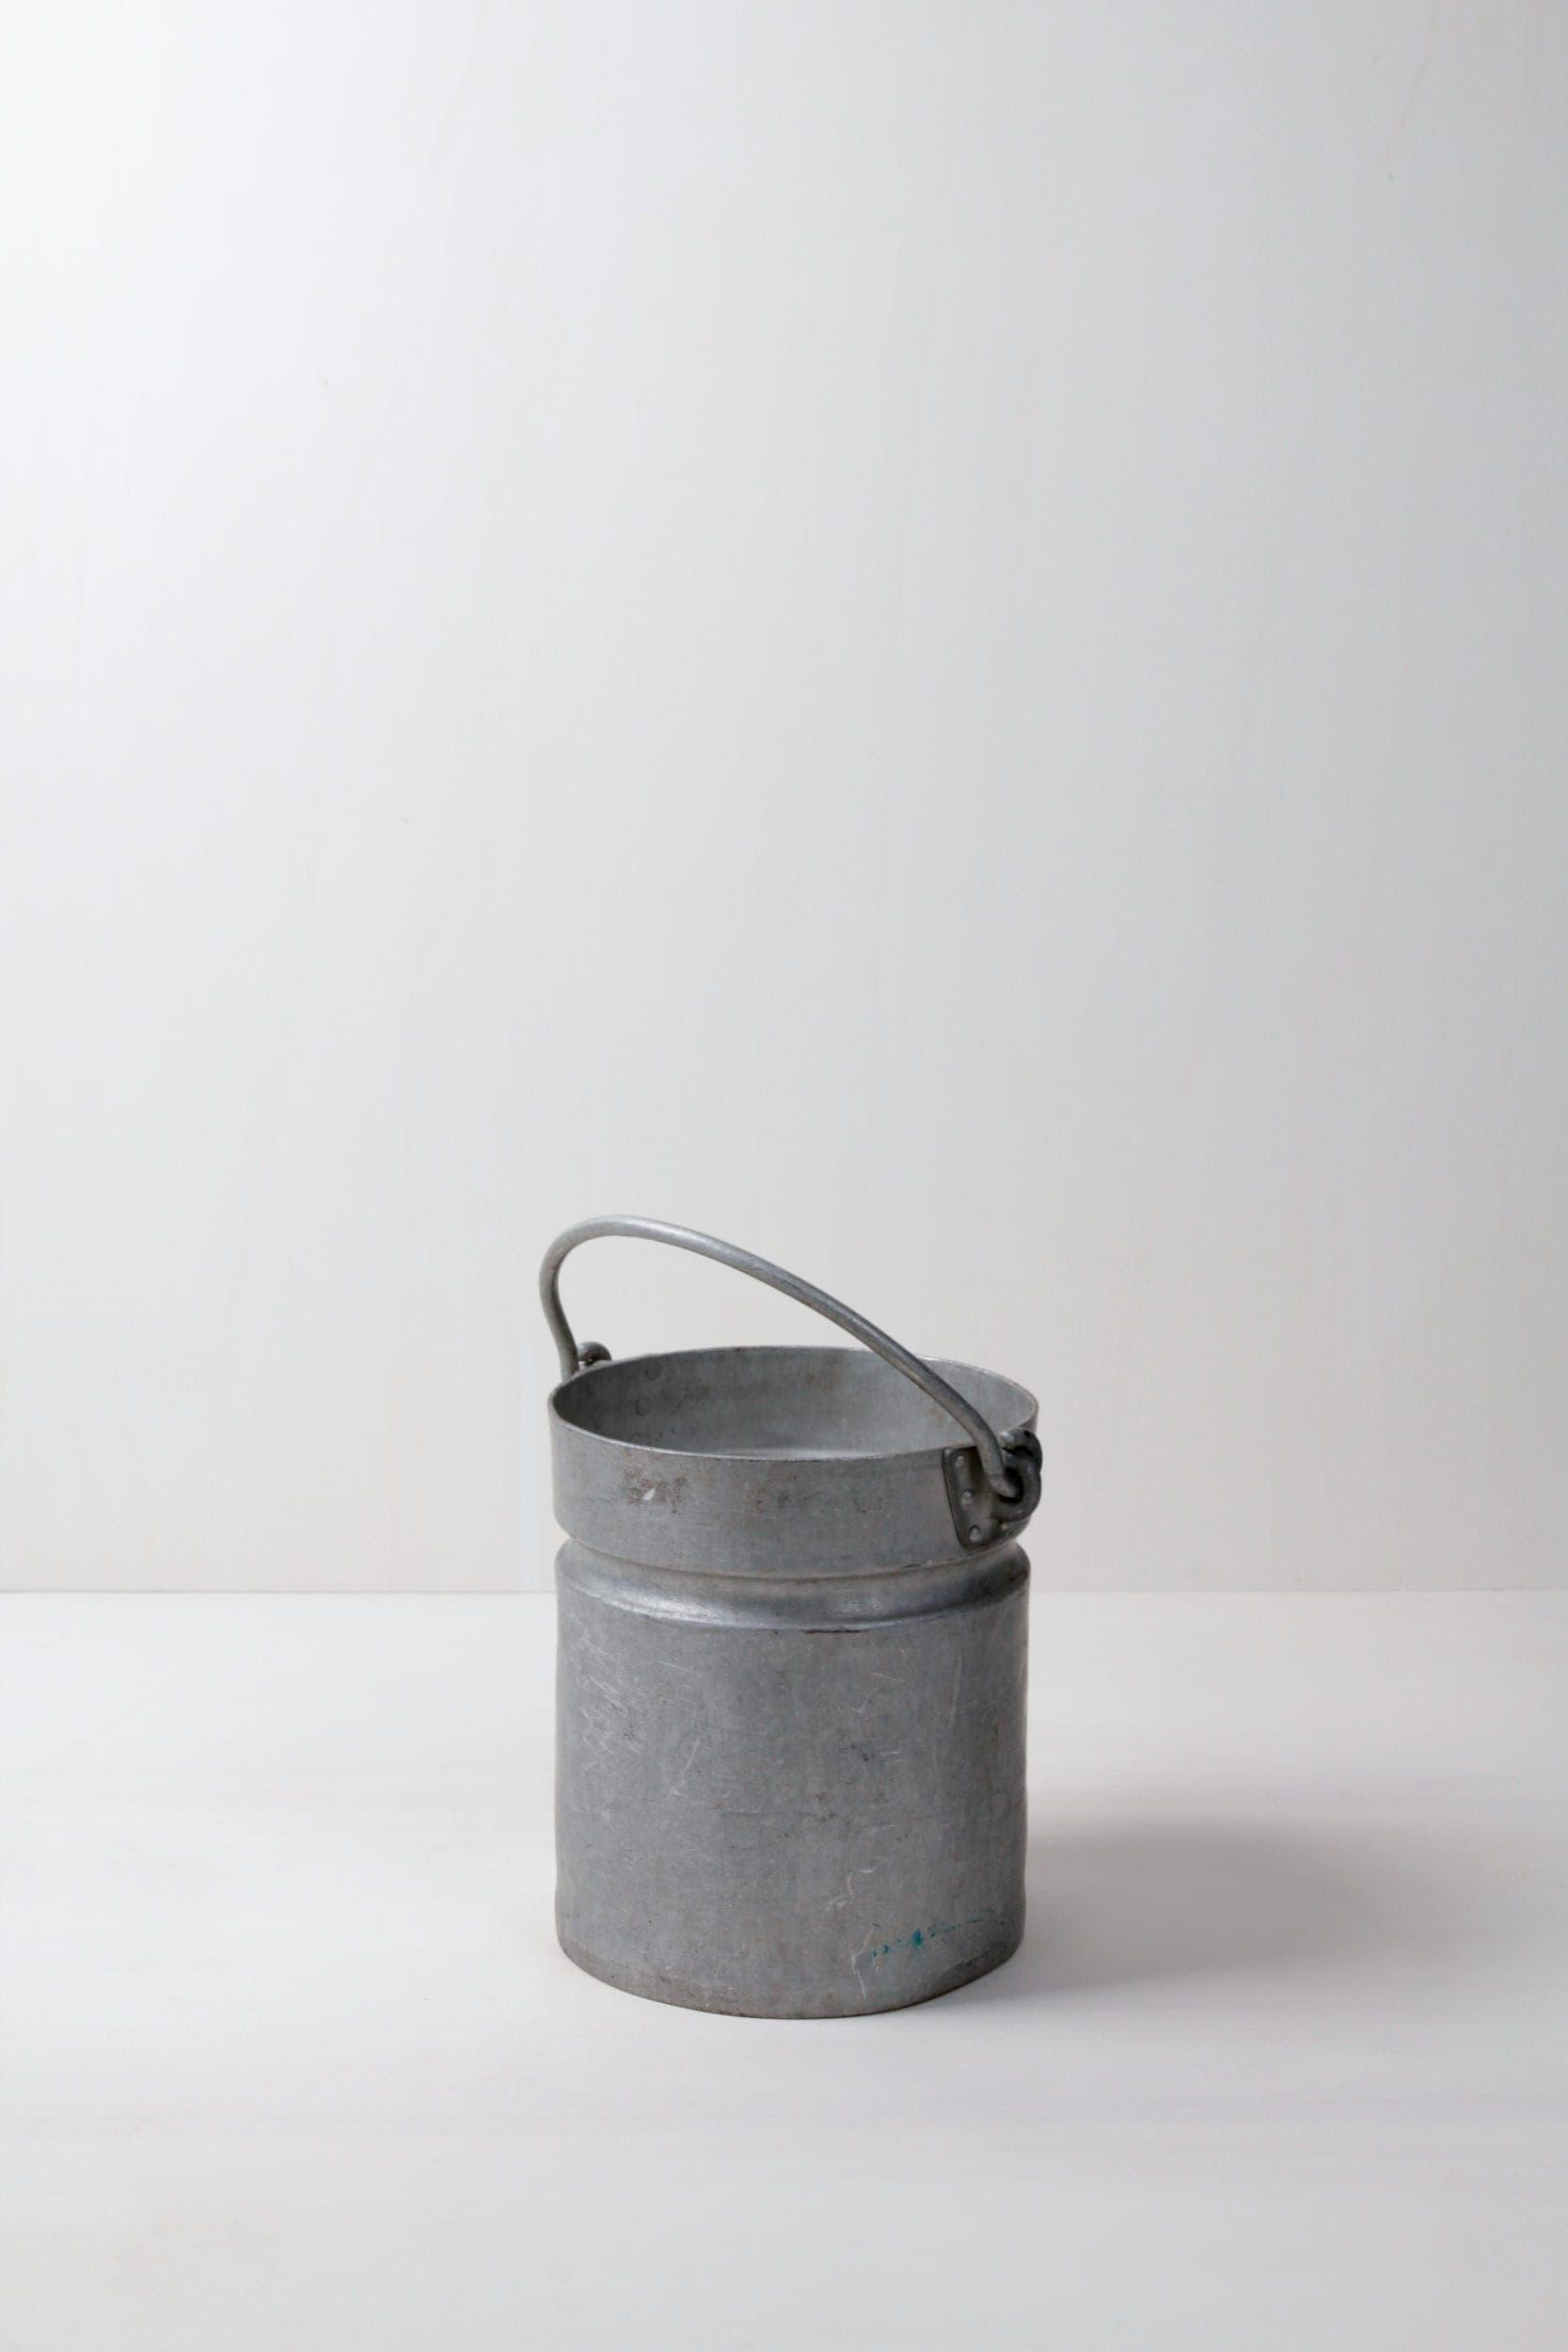 Metalleimer Armando | Vintage Metalleimer. Schönes Dekorationselement für Blumen oder zum Kaltstellen von Getränken. | gotvintage Rental & Event Design